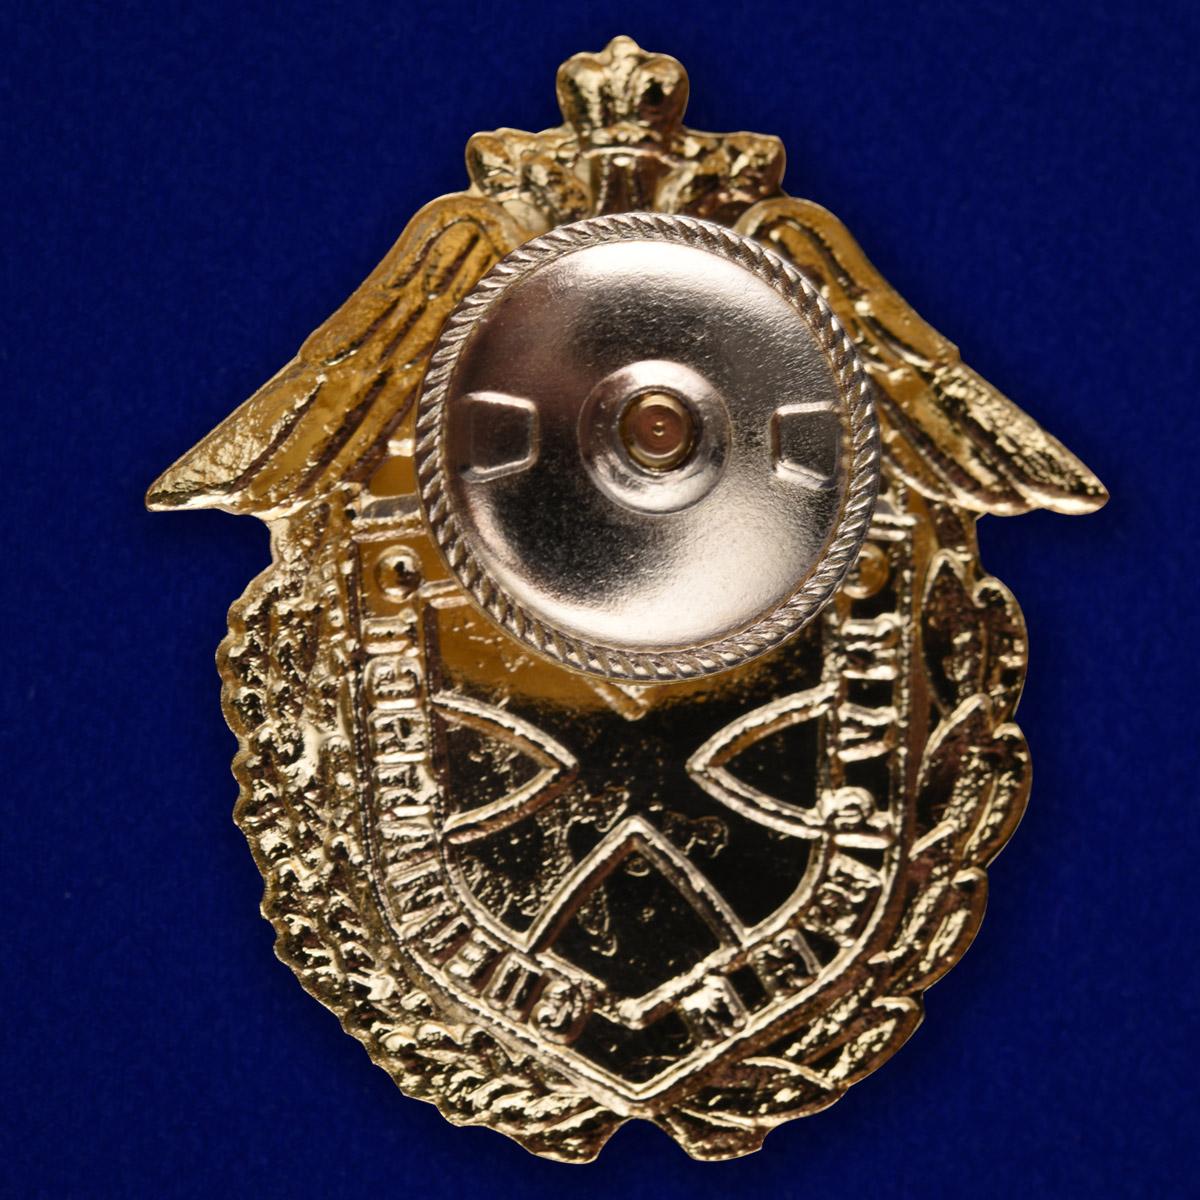 Знак «Лучший специалист» ФПС РФ - оборотная сторона